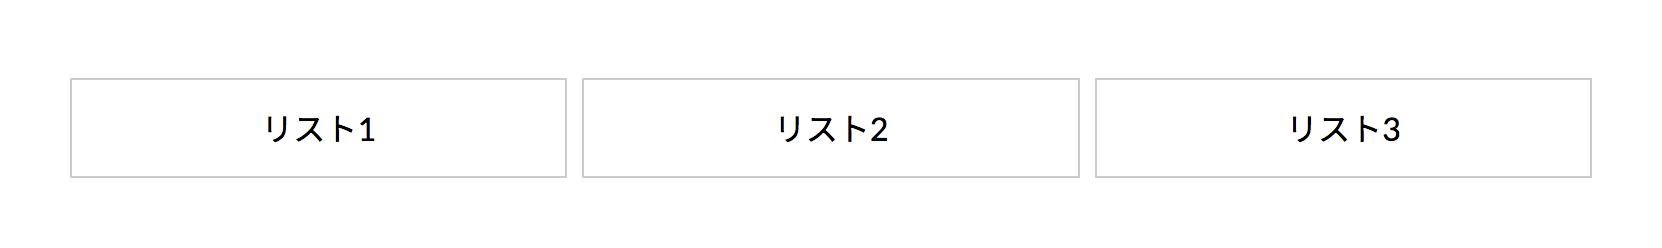 スクリーンショット 2018-05-18 3.10.40.png